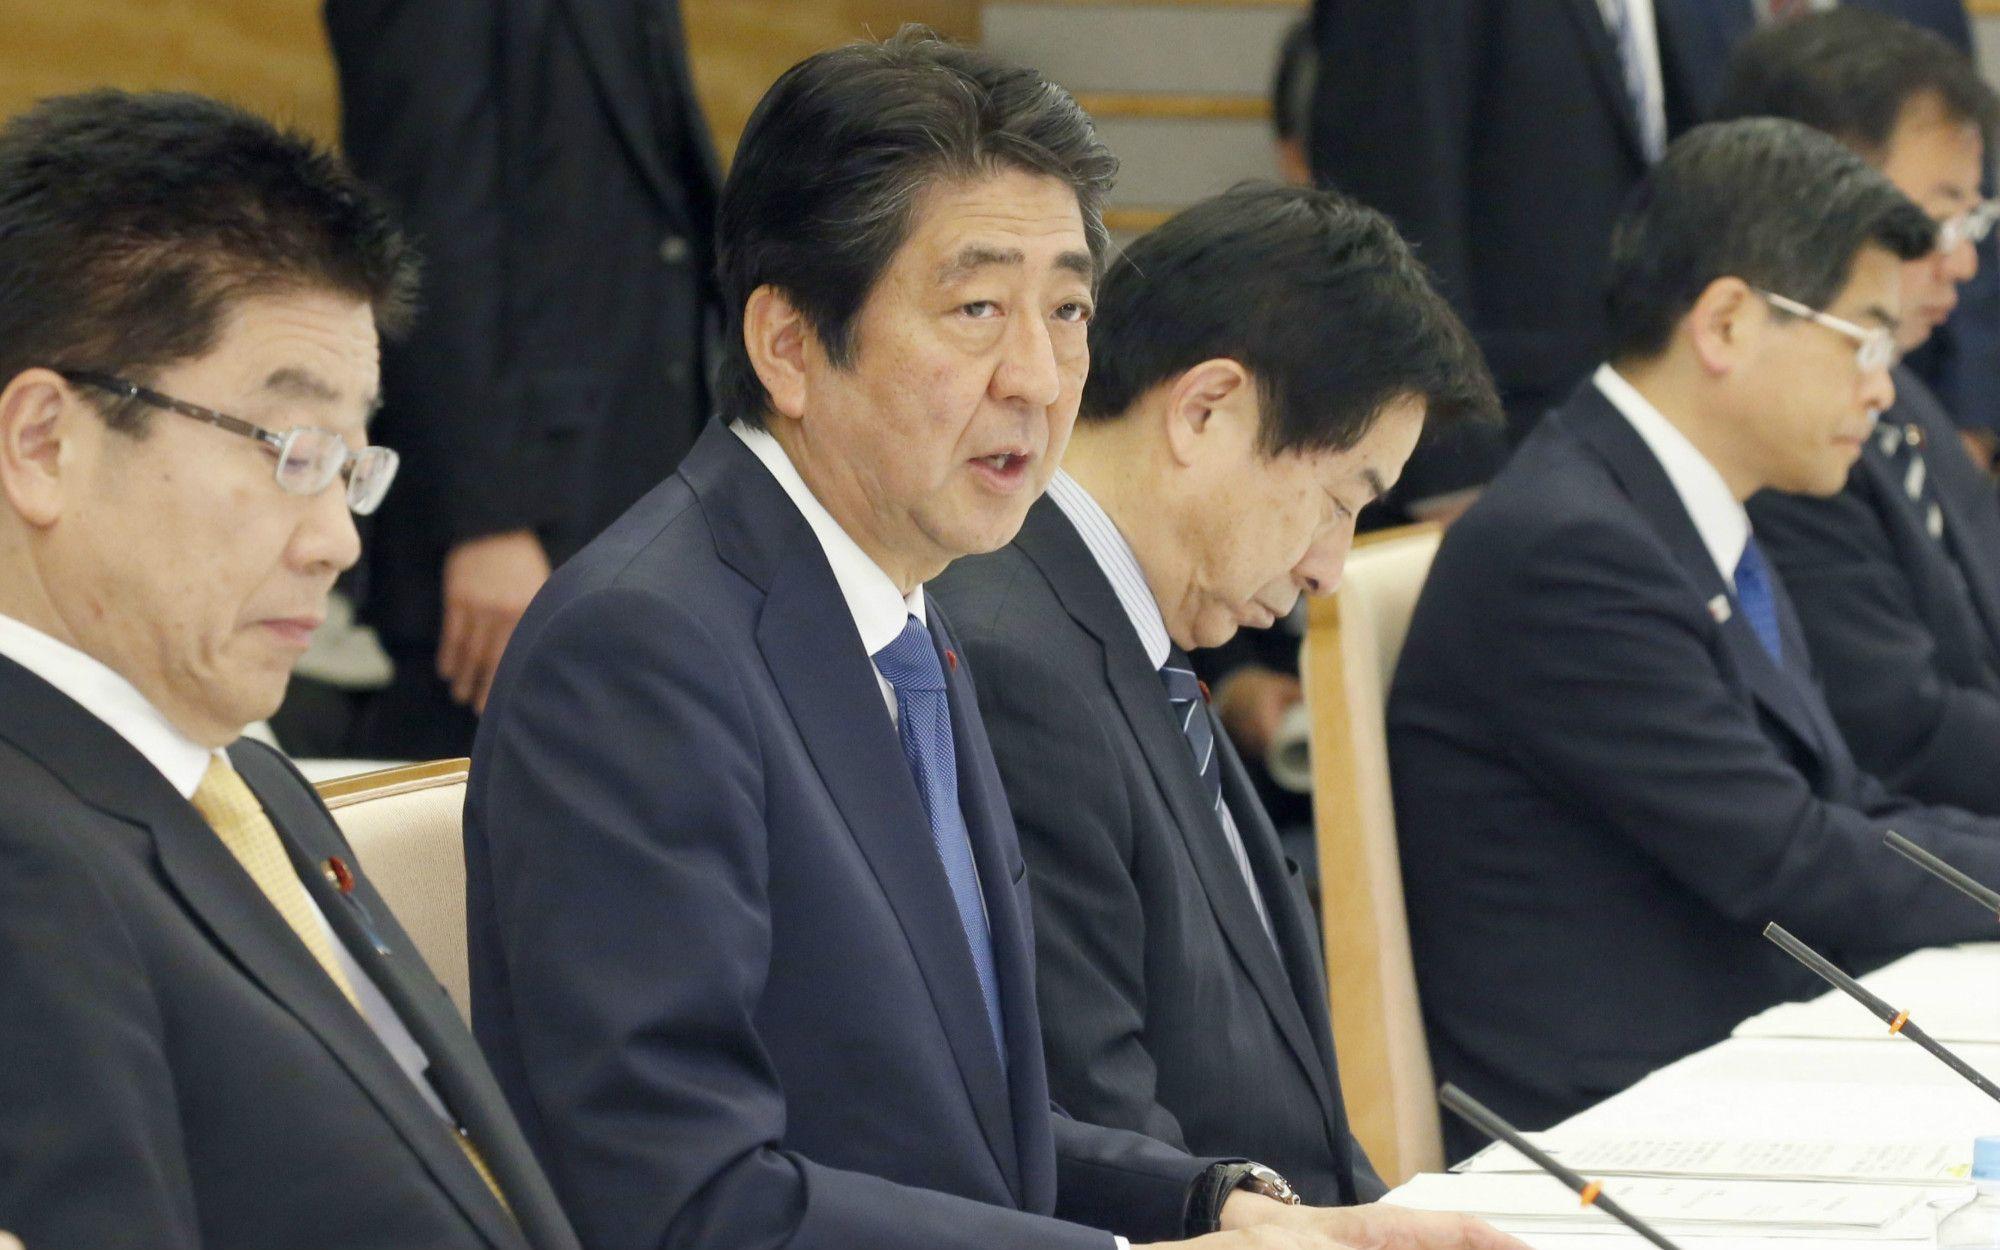 働き方改革実現会議で発言する安倍首相 ©共同通信社